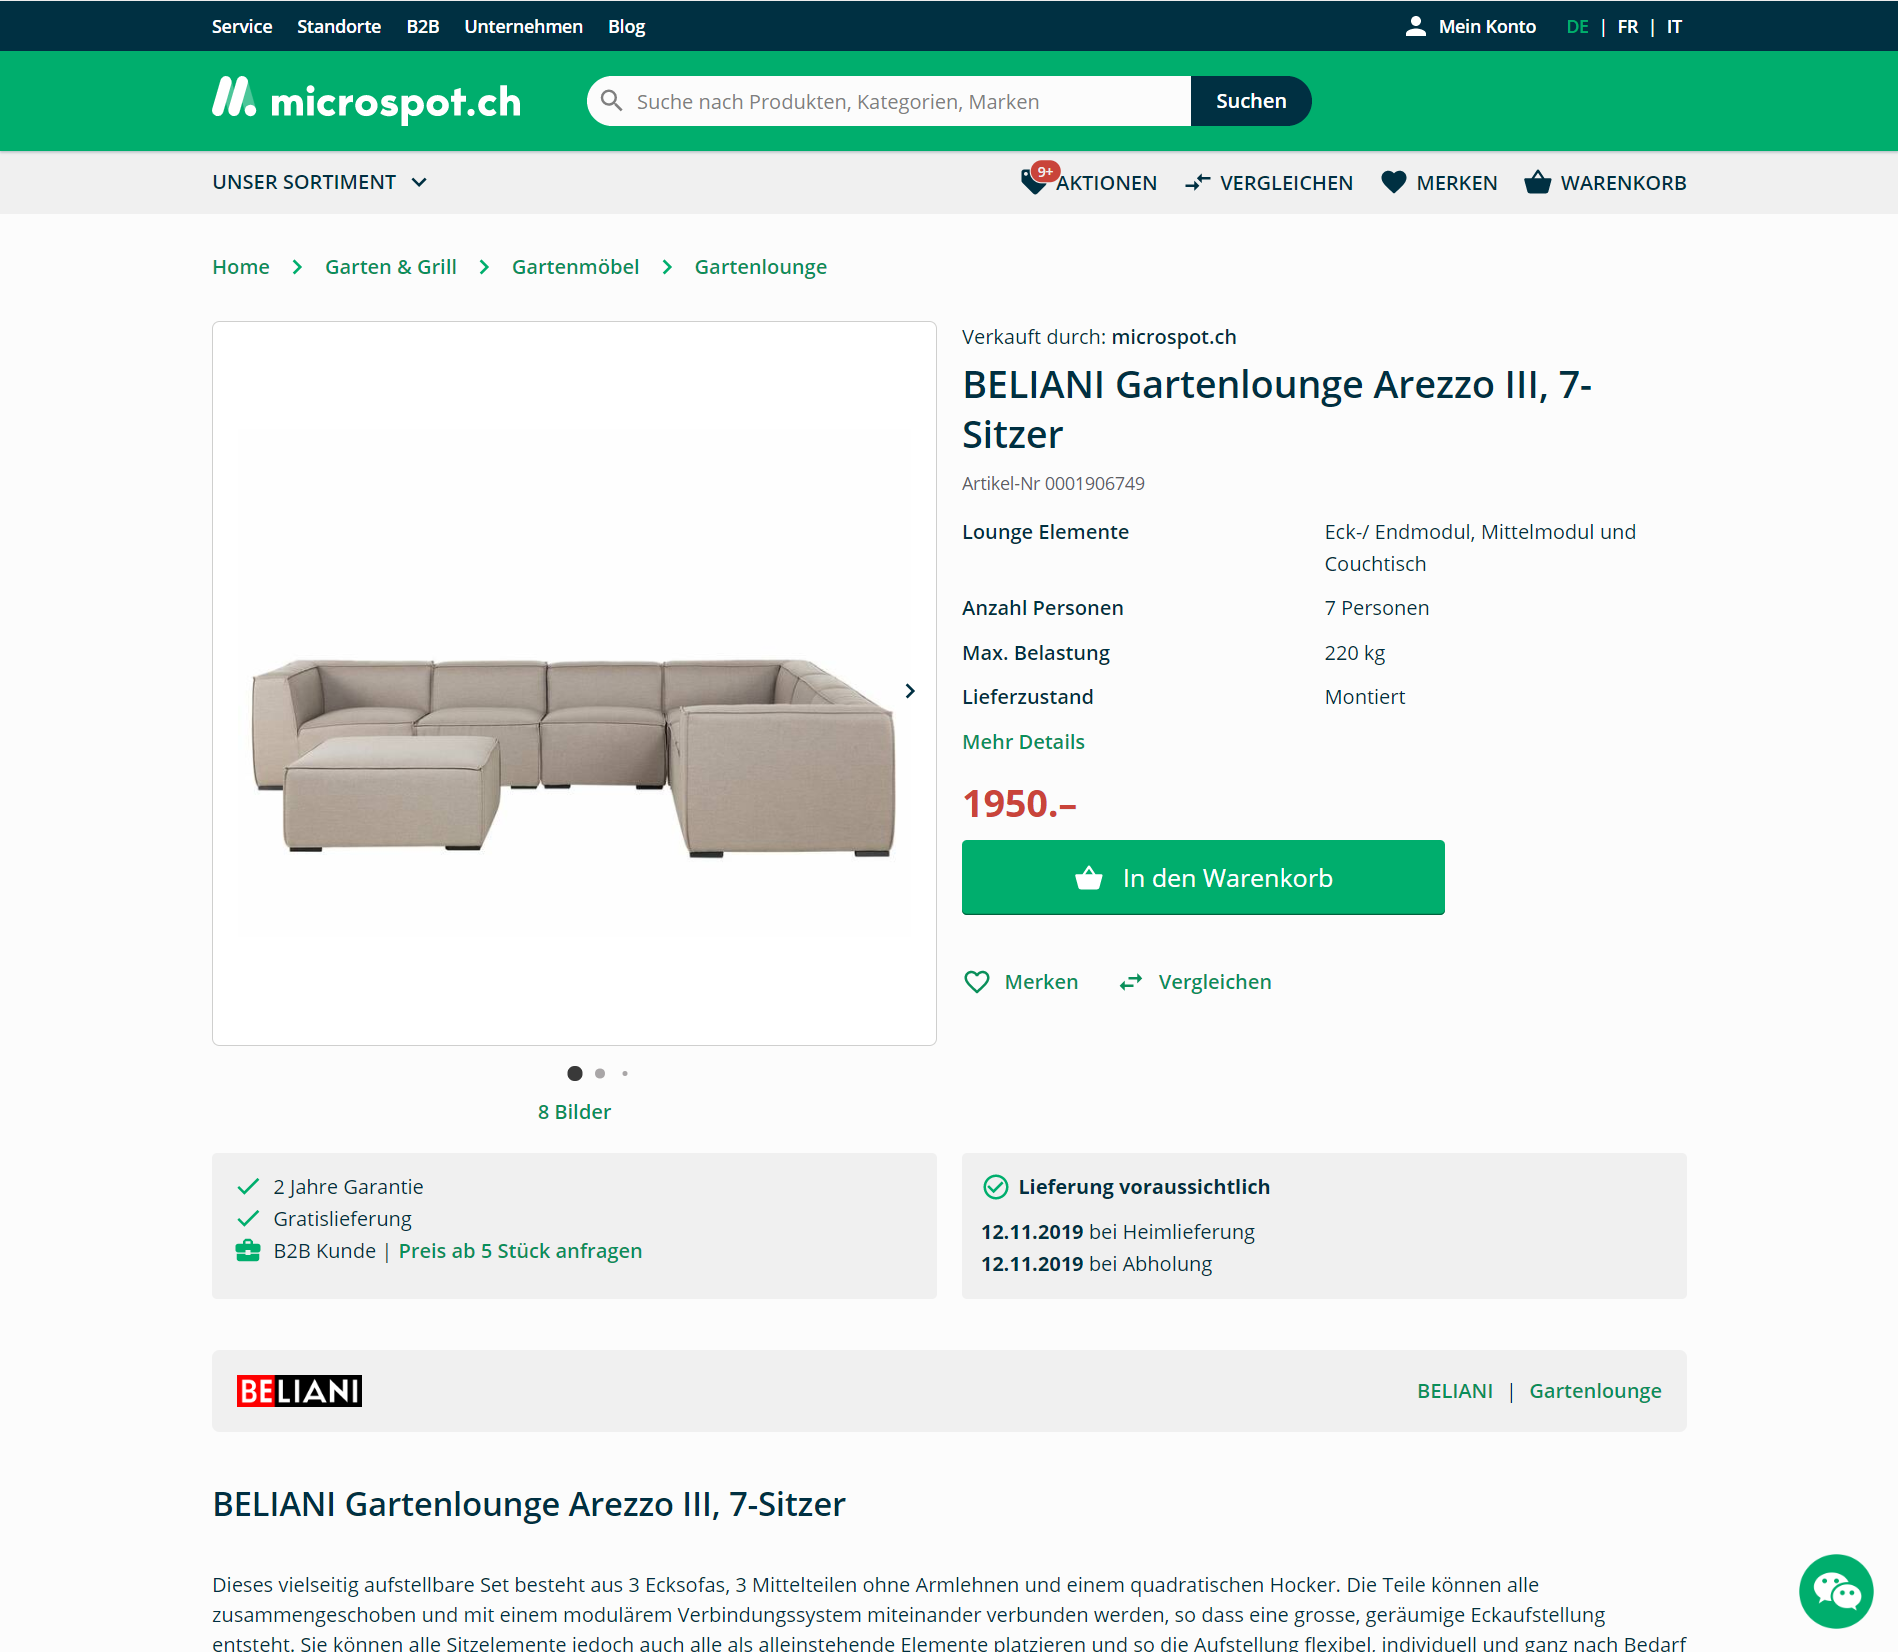 Möbel Artikel von Beliani auf microspot.ch